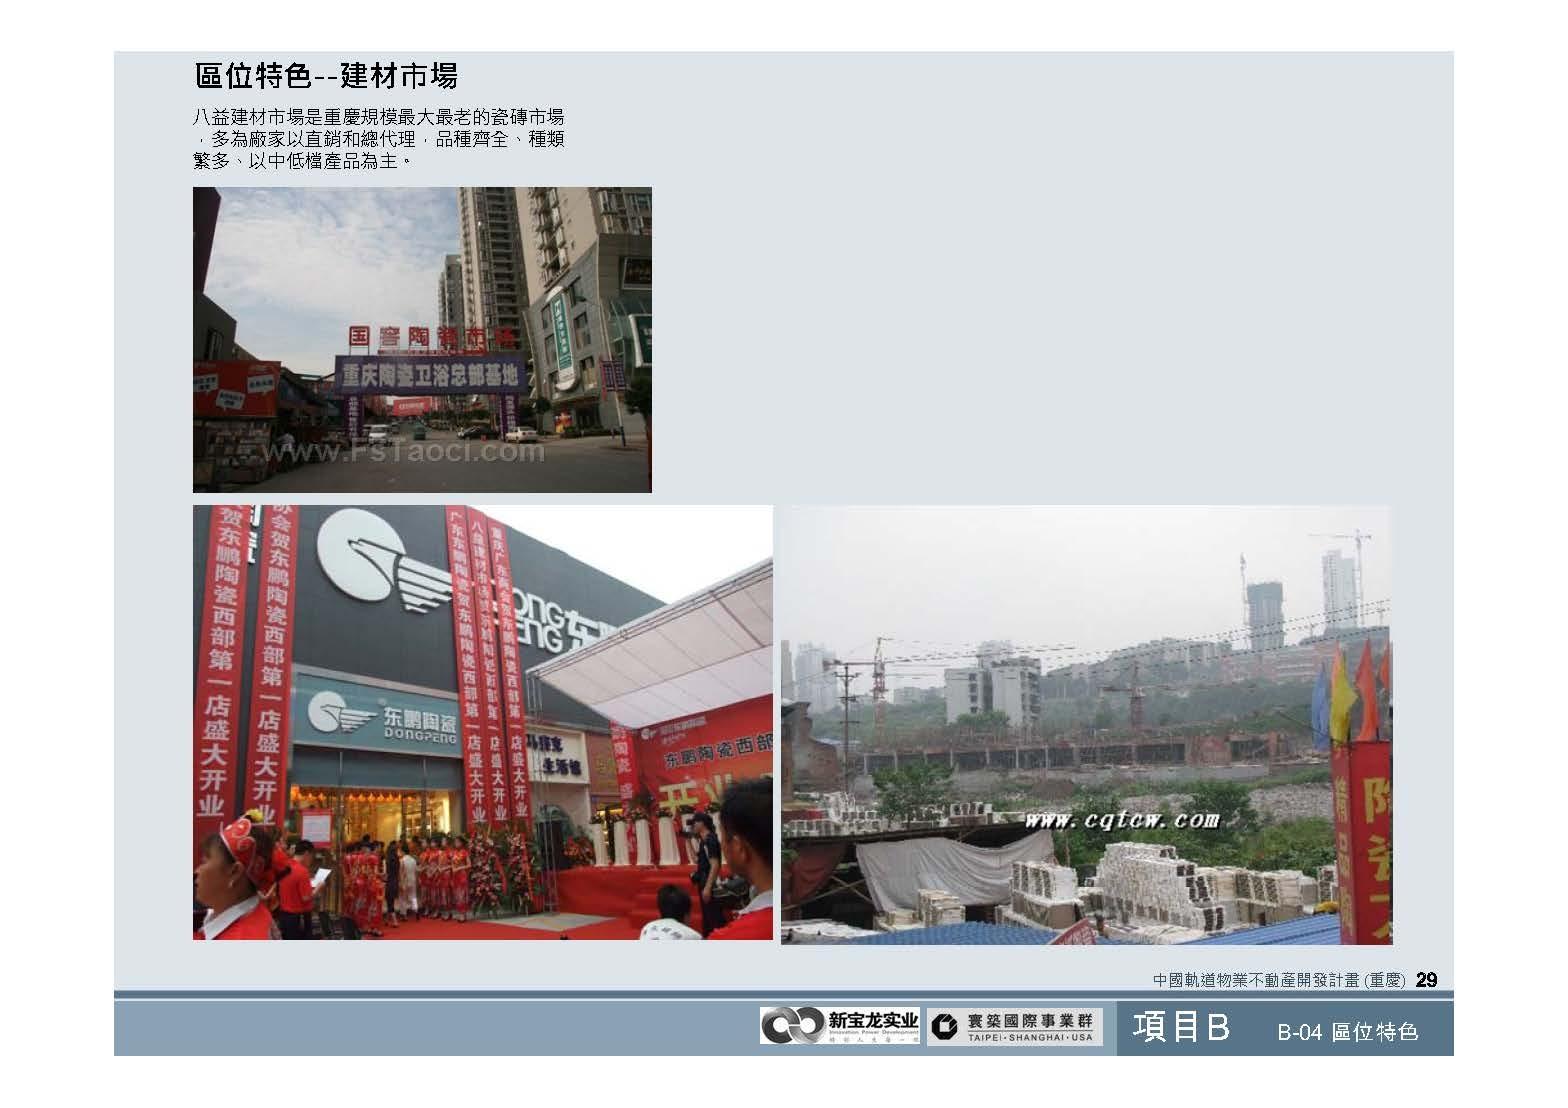 20100812-中國軌道物業不動產開發計畫(重慶)_頁面_30